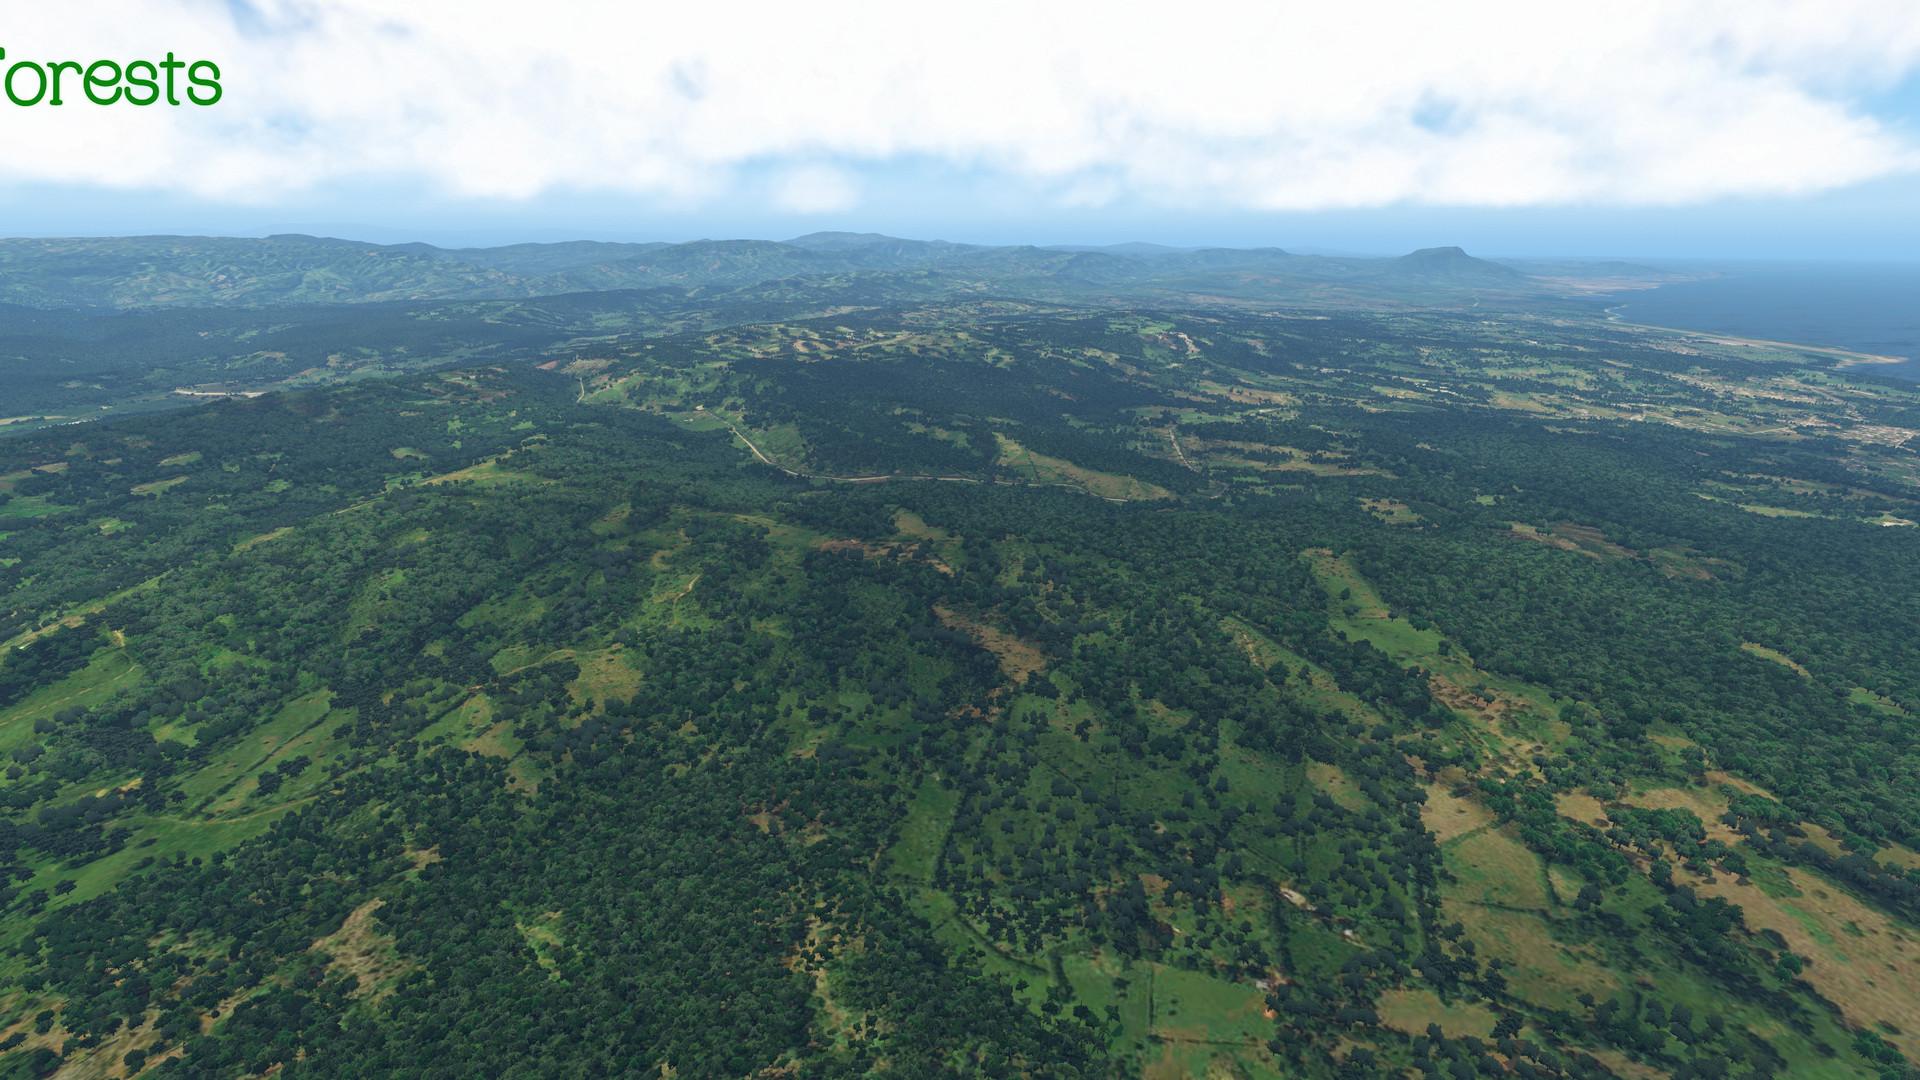 Global_Forests_Carribean.jpg